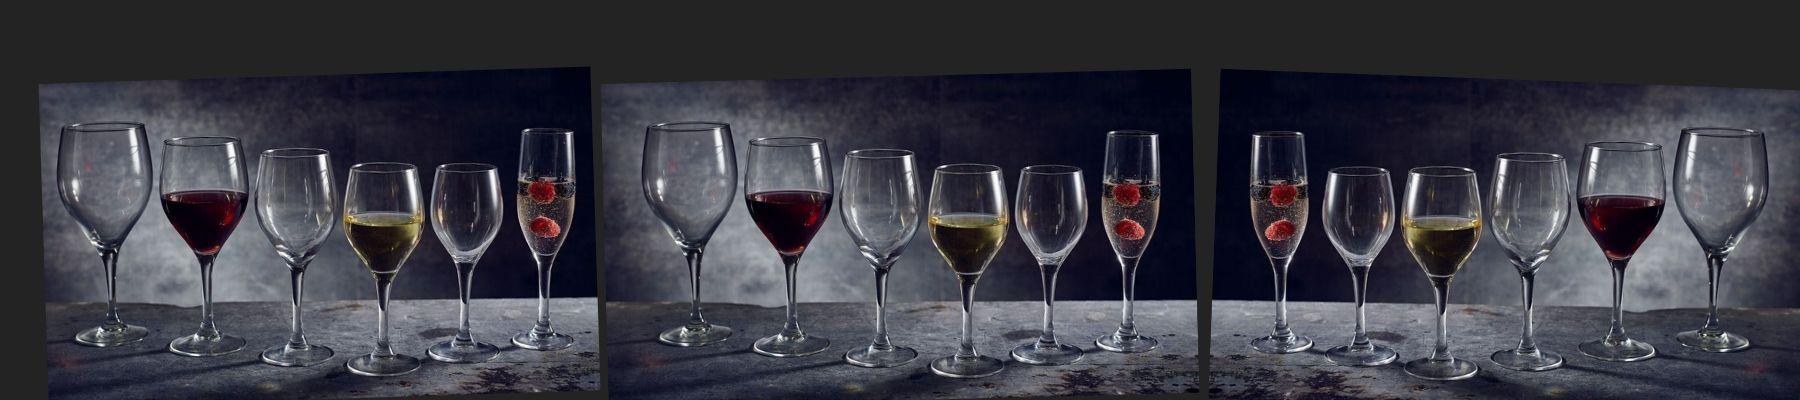 Wine Glasses | Champagne Glasses | Glassjacks Ltd